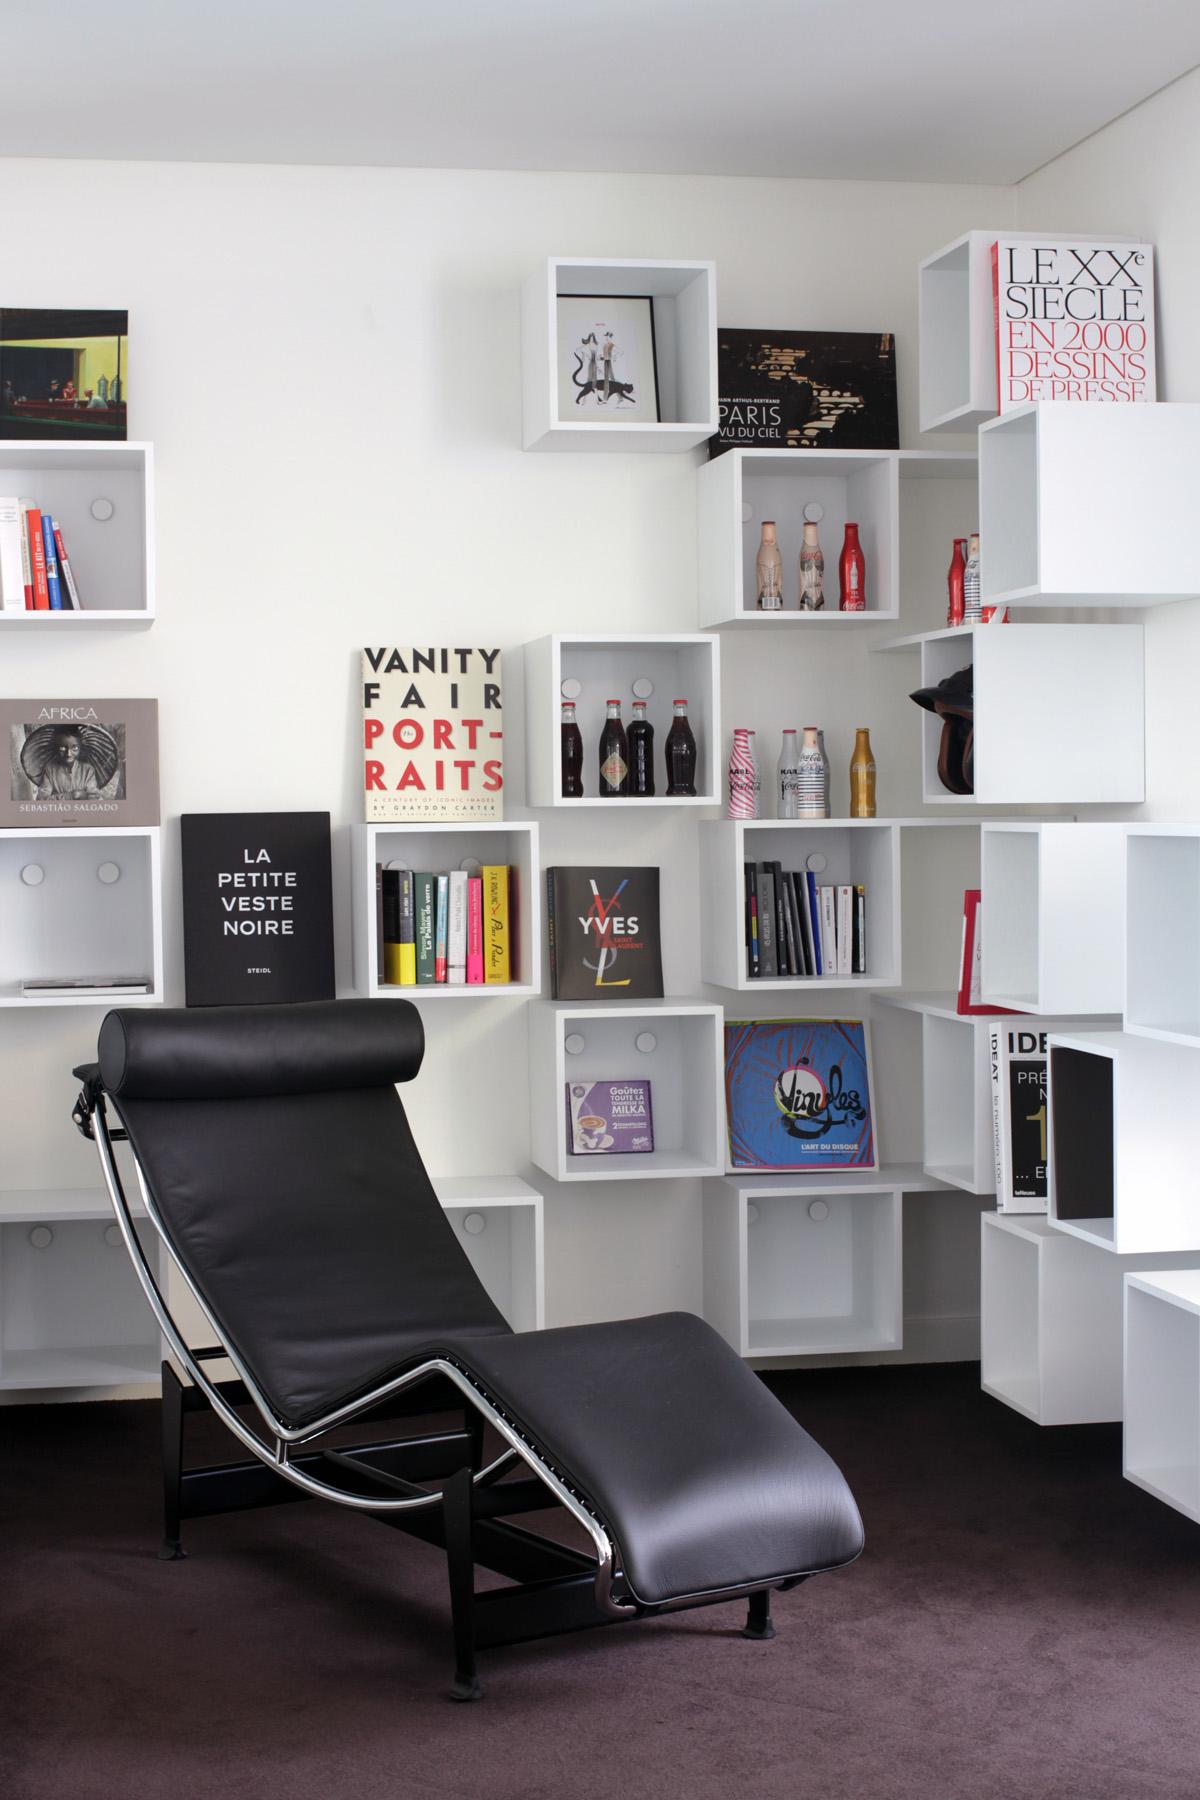 Media-tech1 AEGIS MEDIA bibliothèque Mobilier cubes blanc bureau Jadot design sur-mesure Agence MAJOTIK